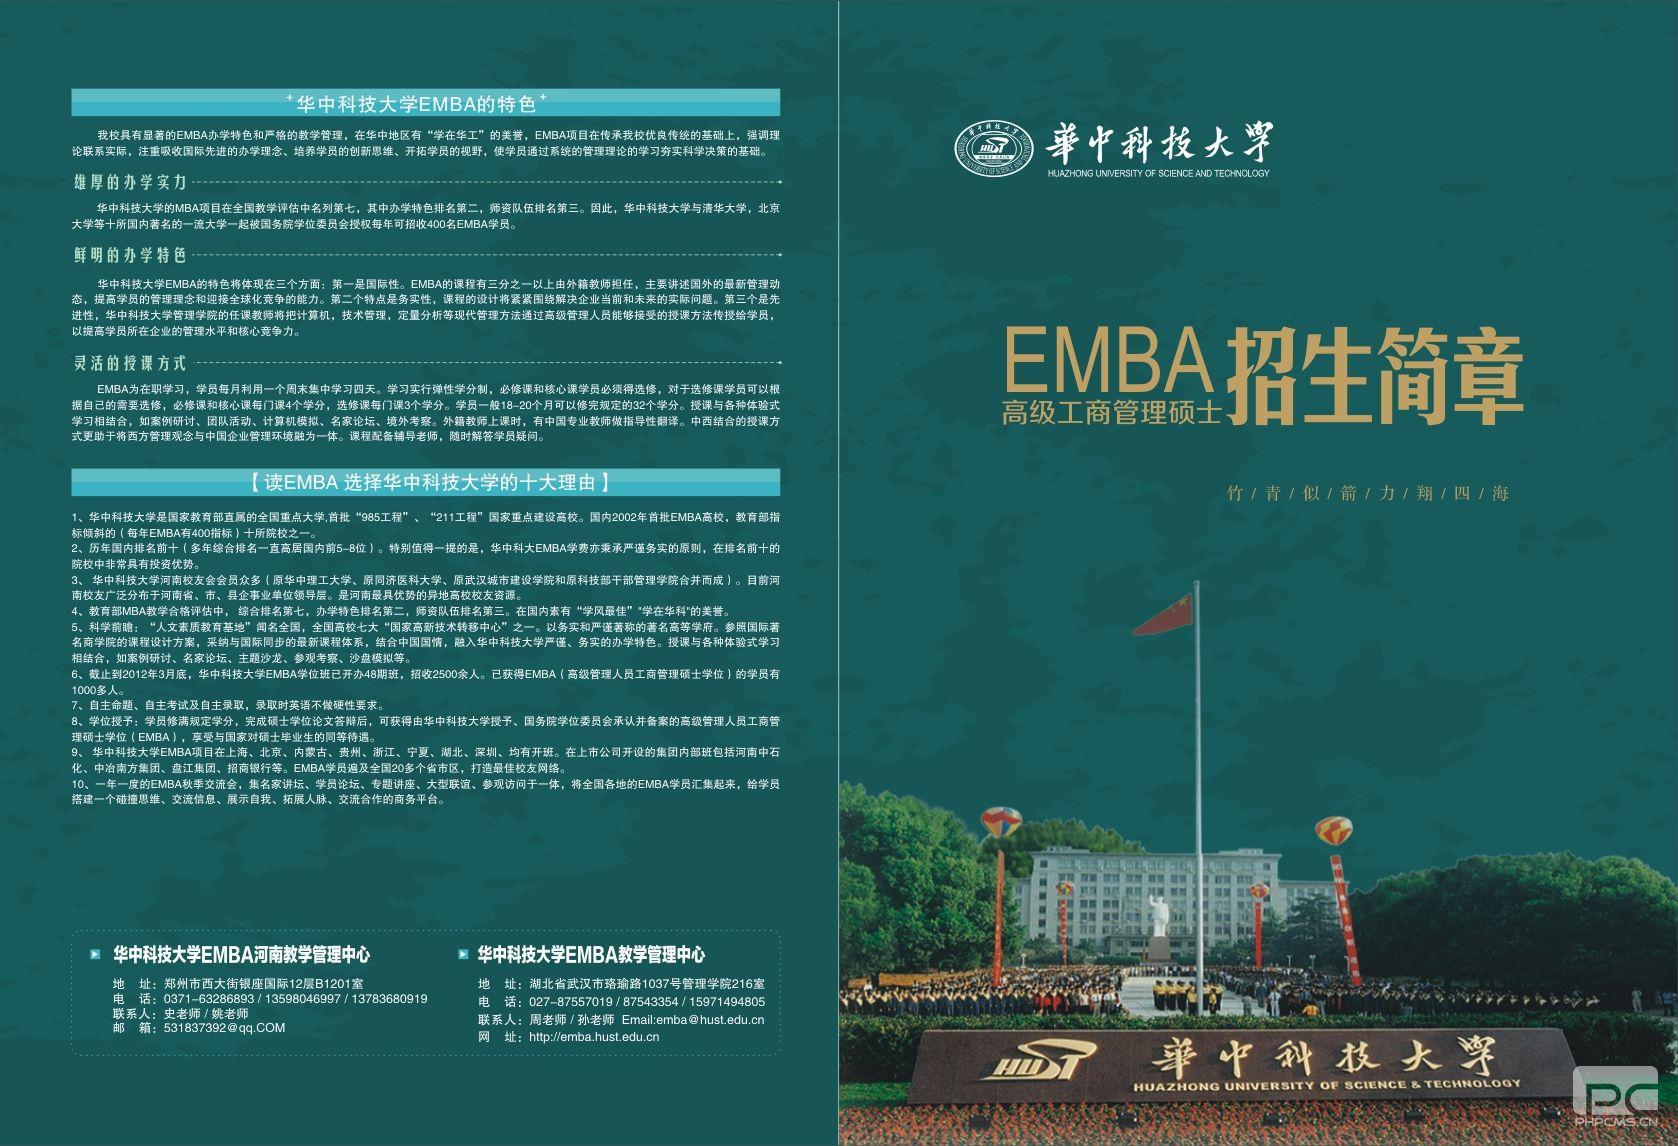 华中科技大学2012年EMBA招生简章